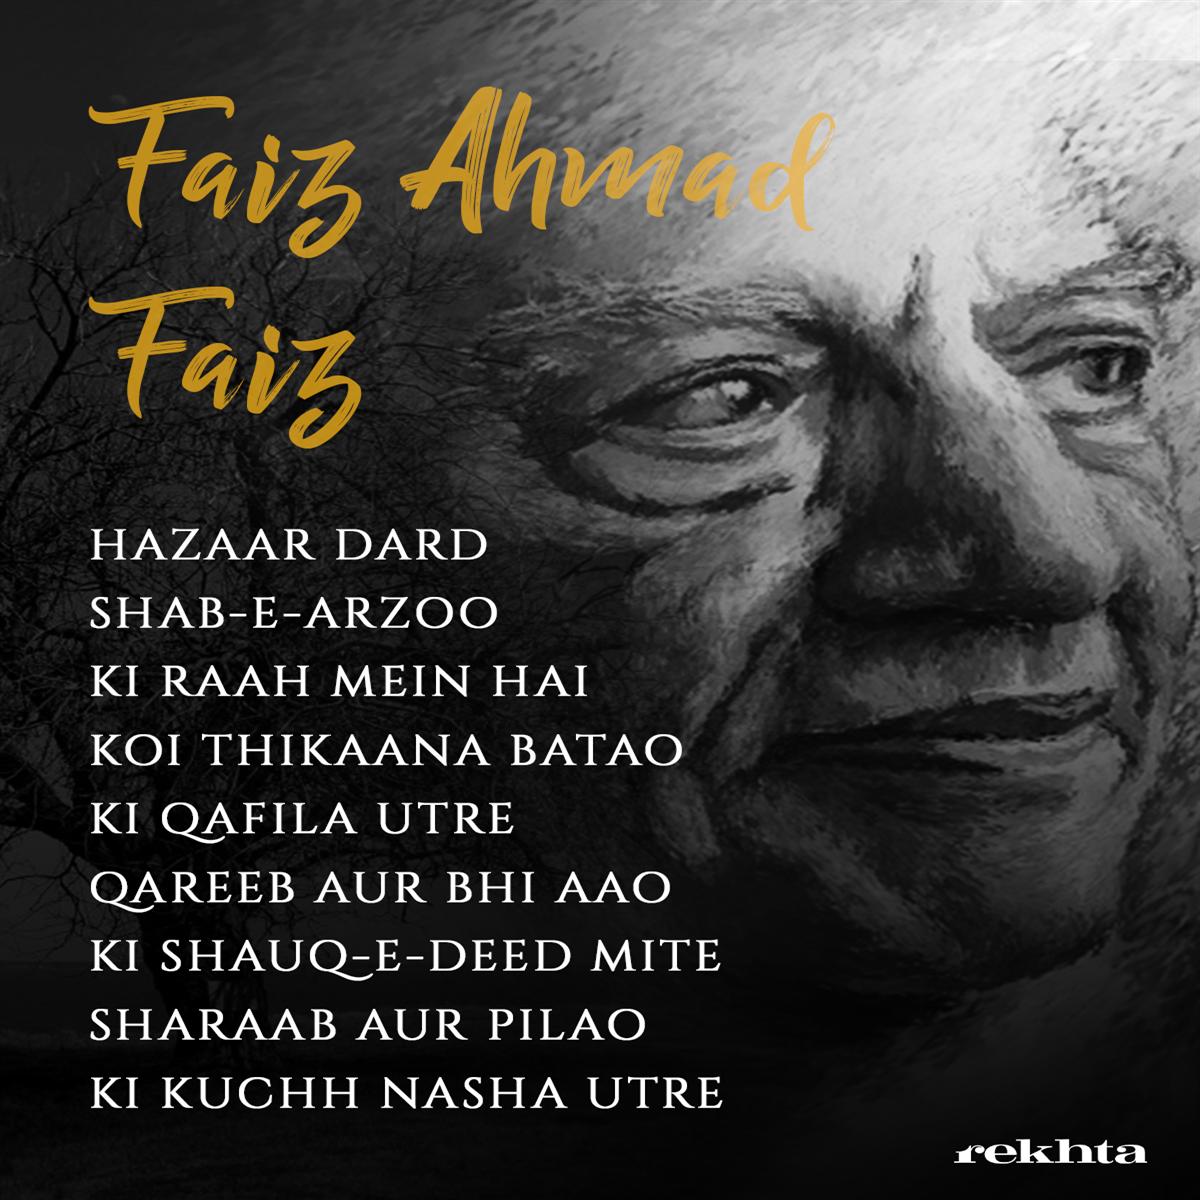 hazaar dard shab-e-aarzuu kii raah me.n hai-Faiz Ahmad Faiz